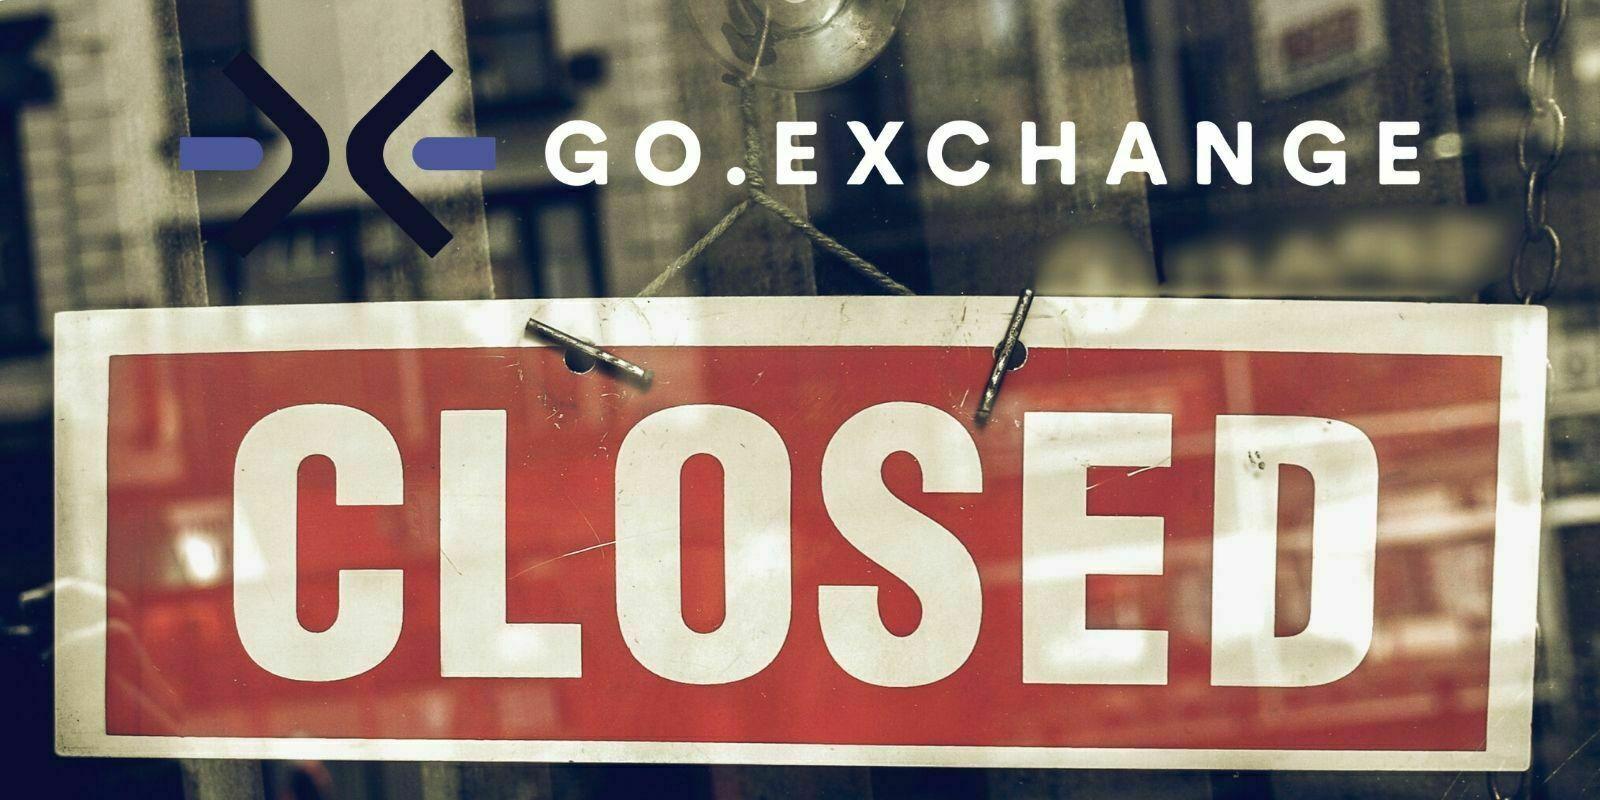 La plateforme GO.Exchange d'Omise Holdings met fin à ses activités